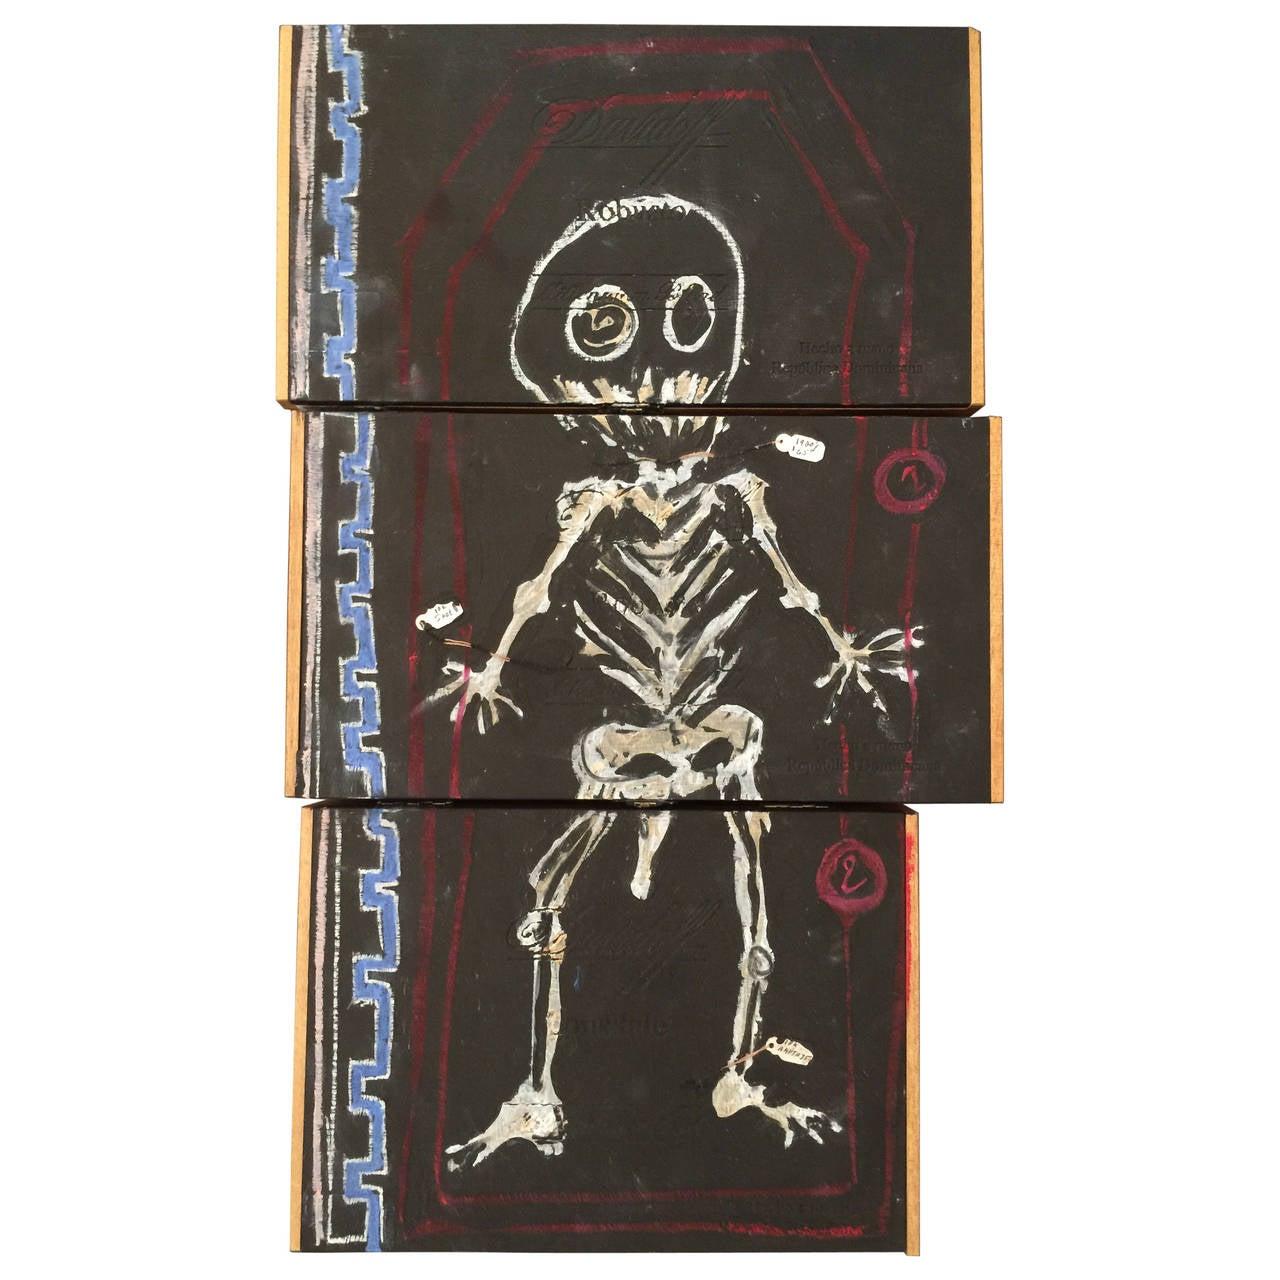 Cigar Box Wall Art: Basquiat Inspired Mixed Media Cigar Box Wall Art At 1stdibs